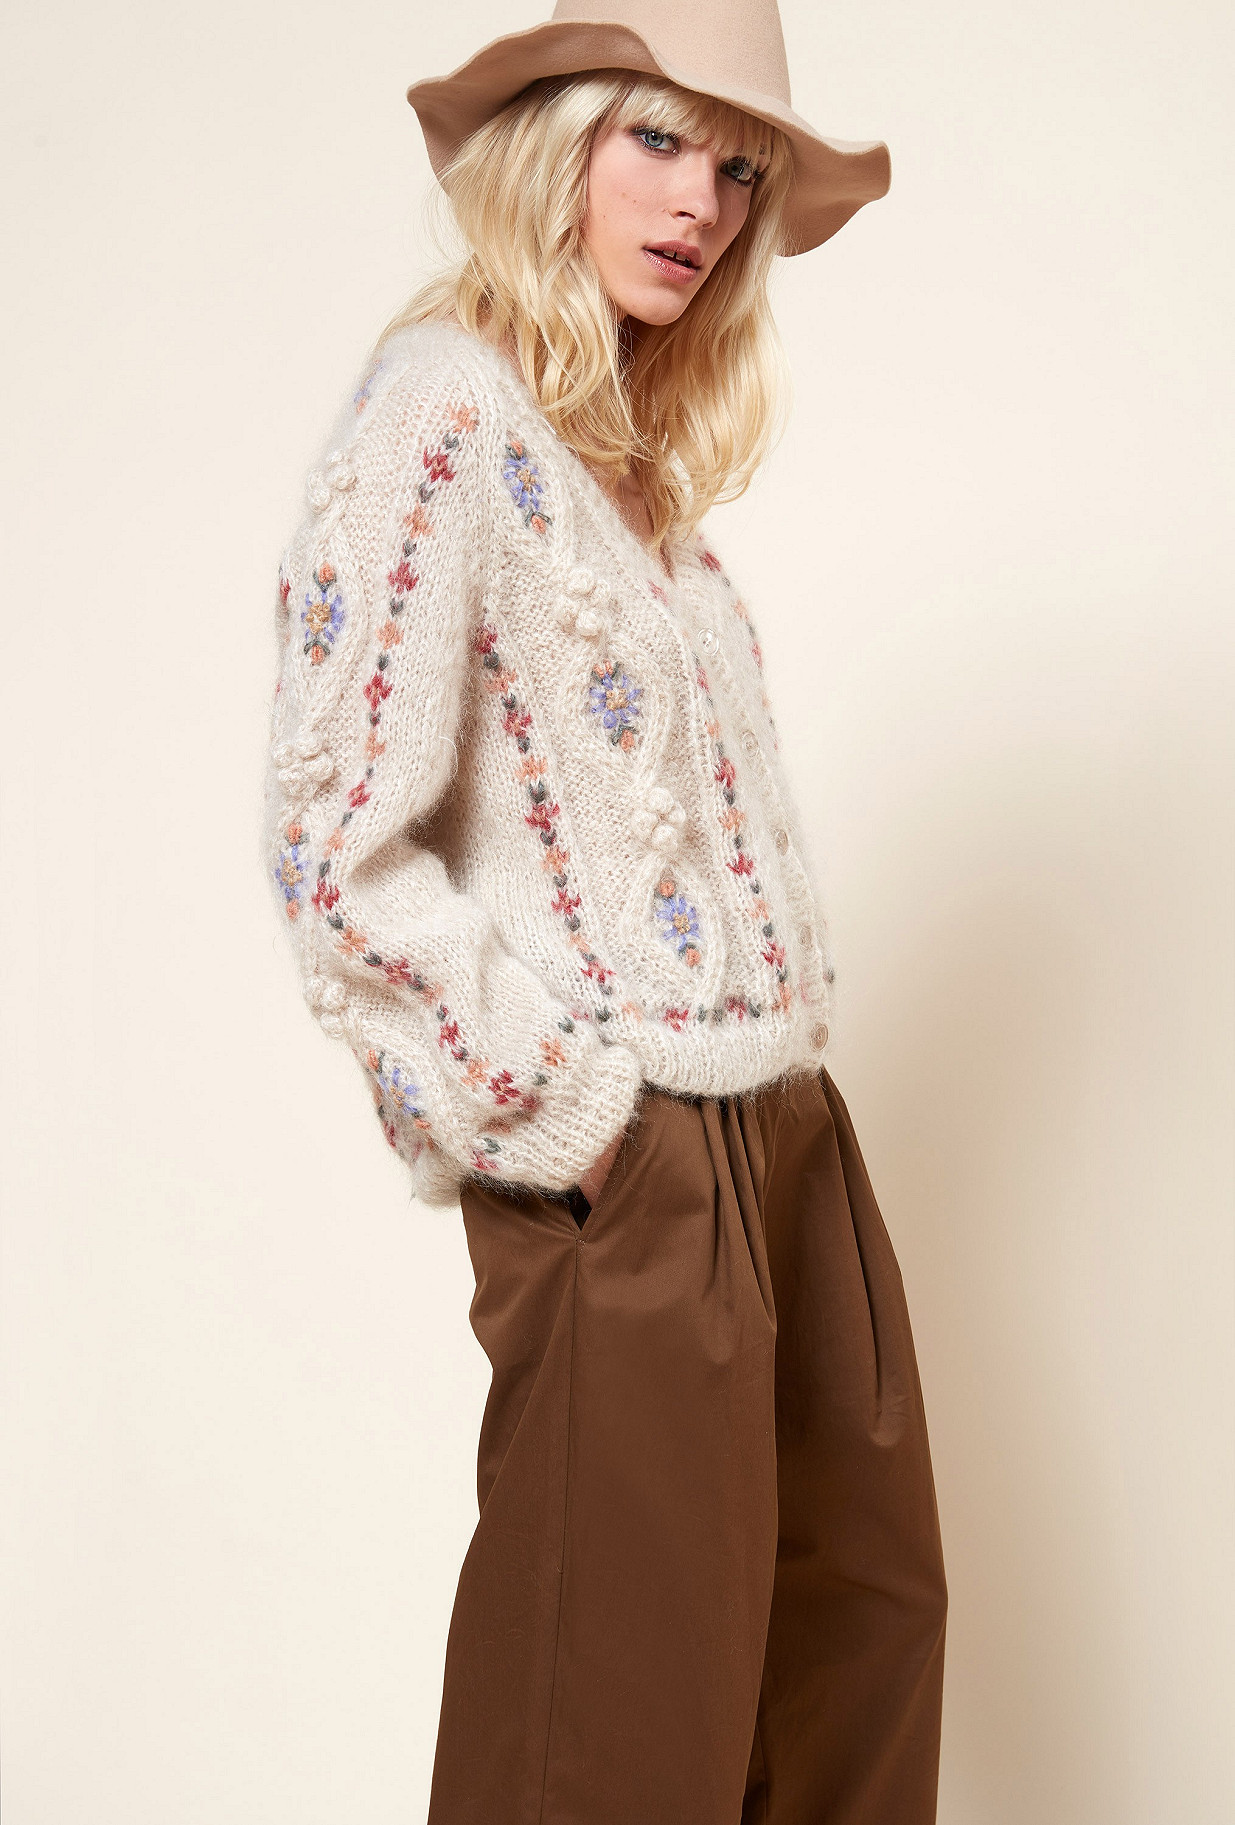 Paris boutique de mode vêtement Maille créateur bohème  Chelsea